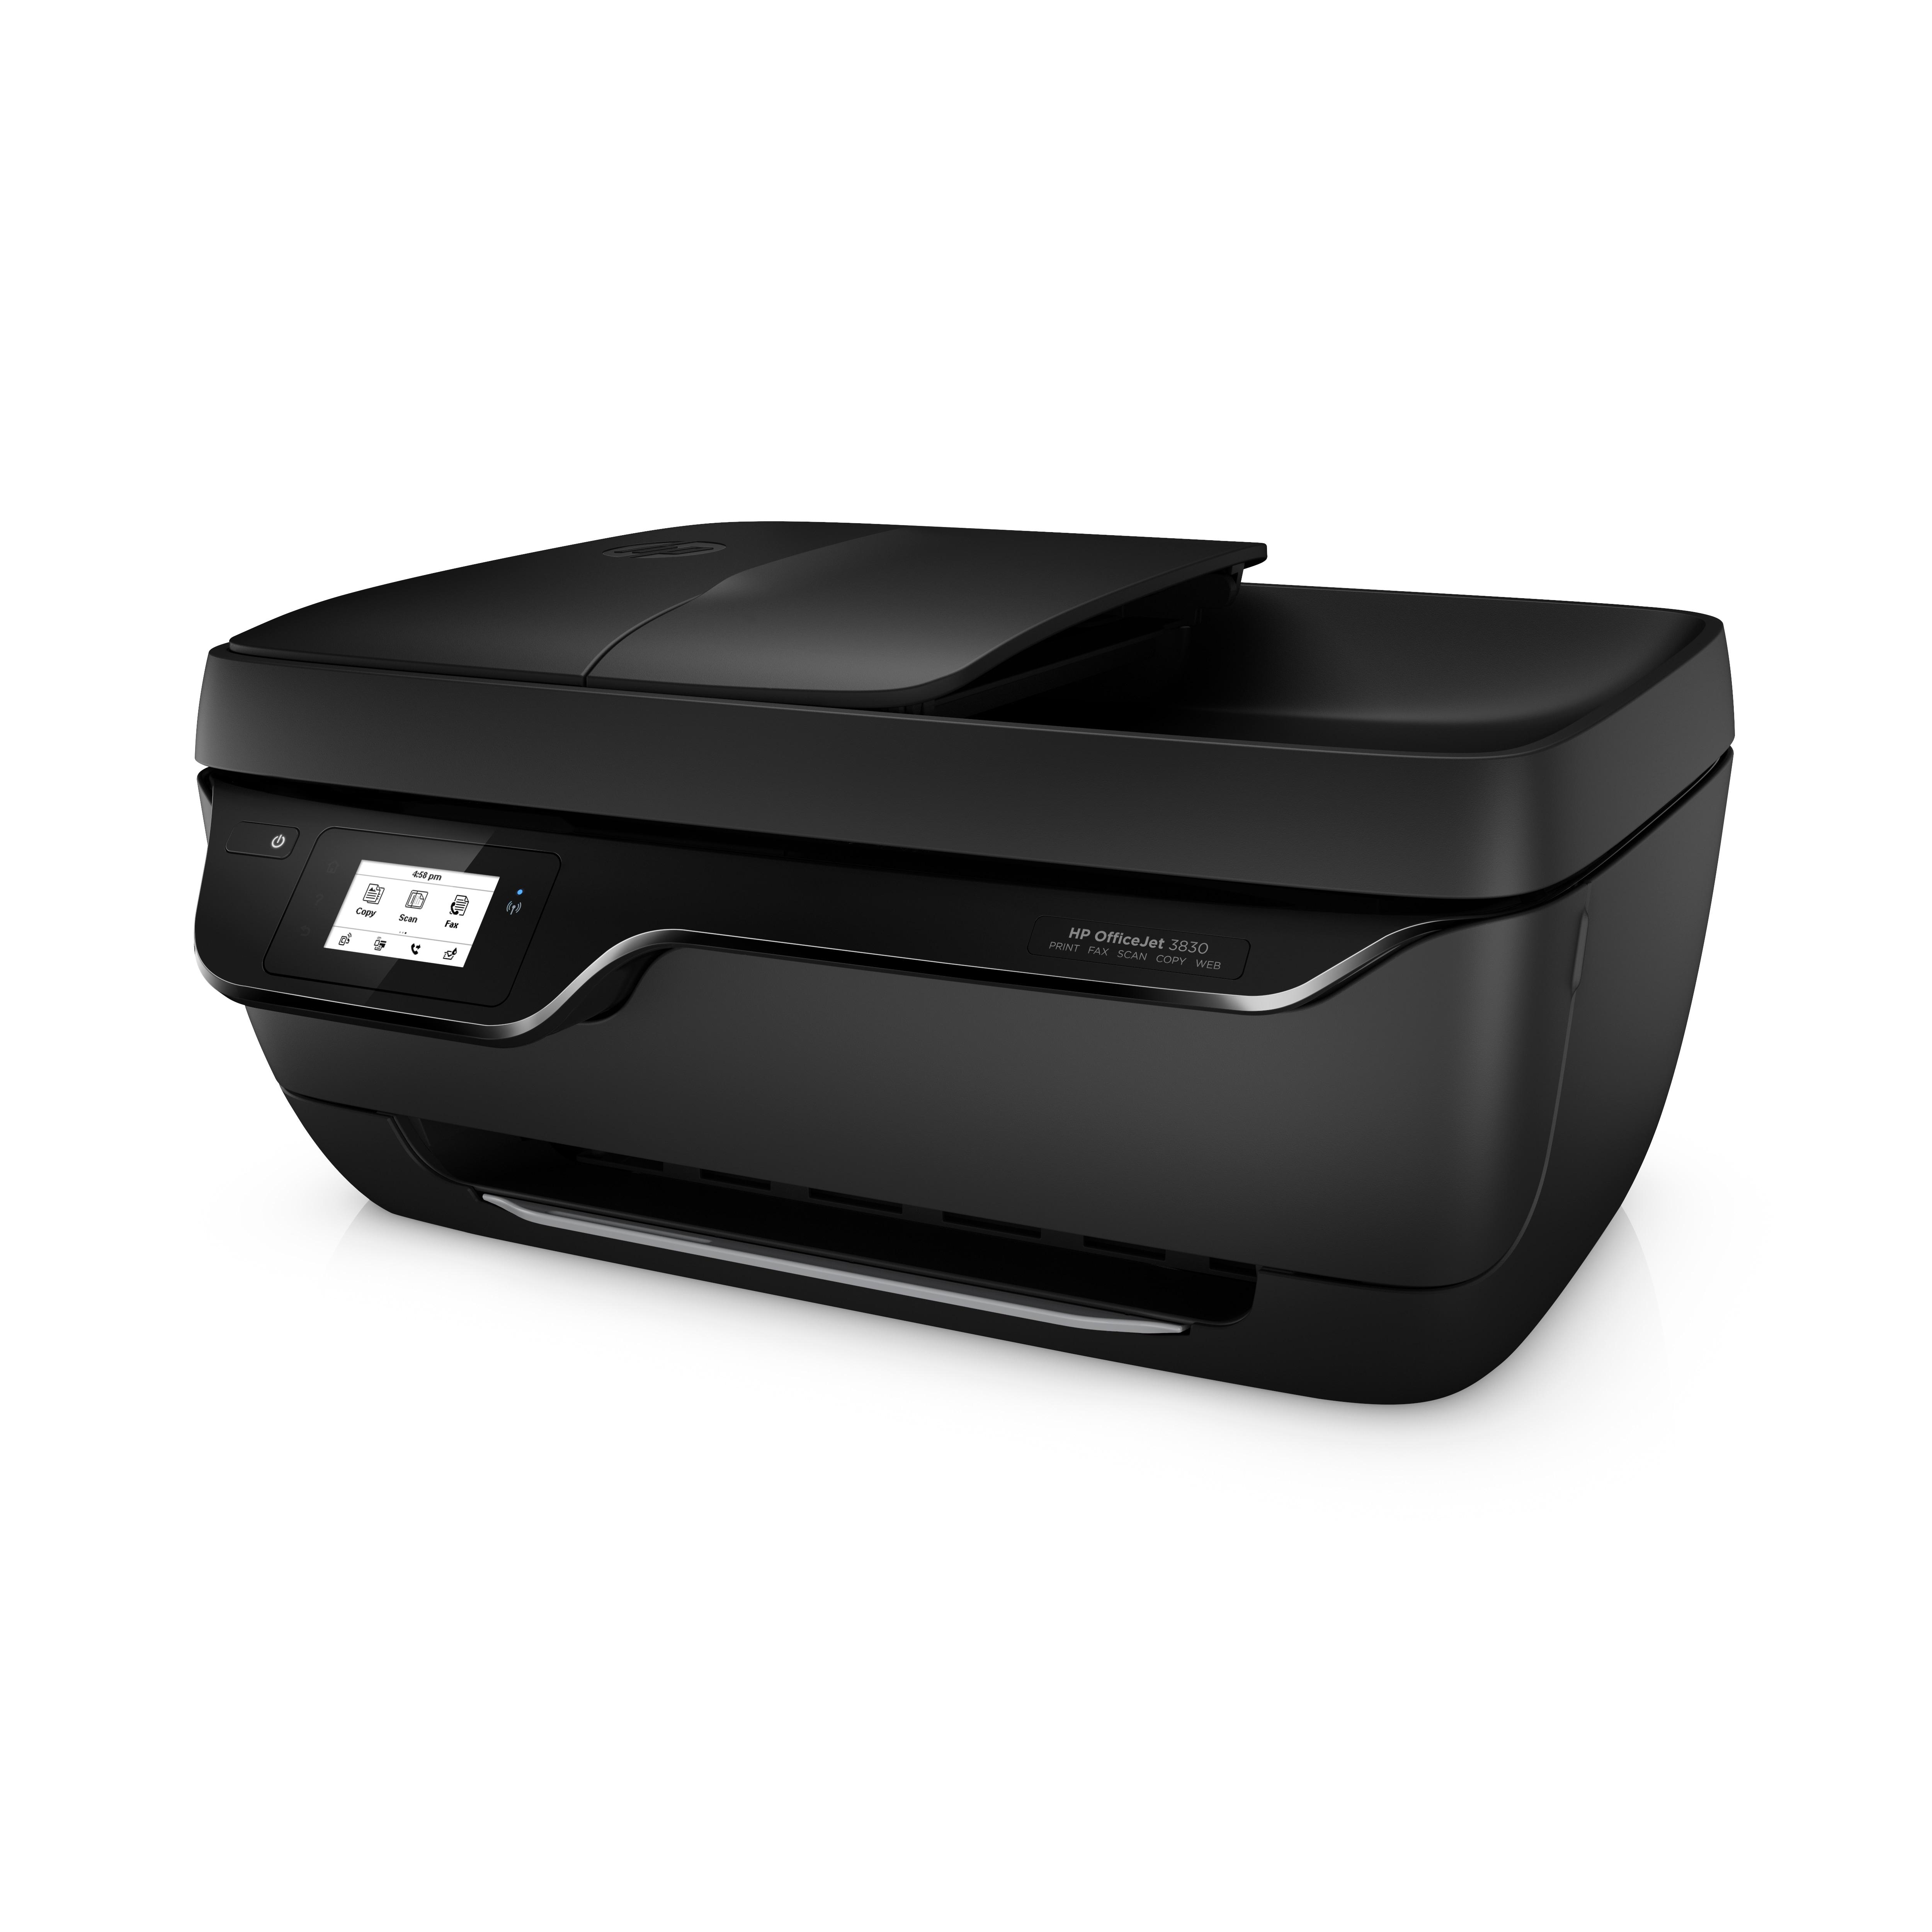 HP Officejet 3833 All-in-One, Multifunctionele A4 kleuren inkjet printer, 216 x 297 mm , maximaal 7 ppm, USB, WiFi, inkt: 302(XL)